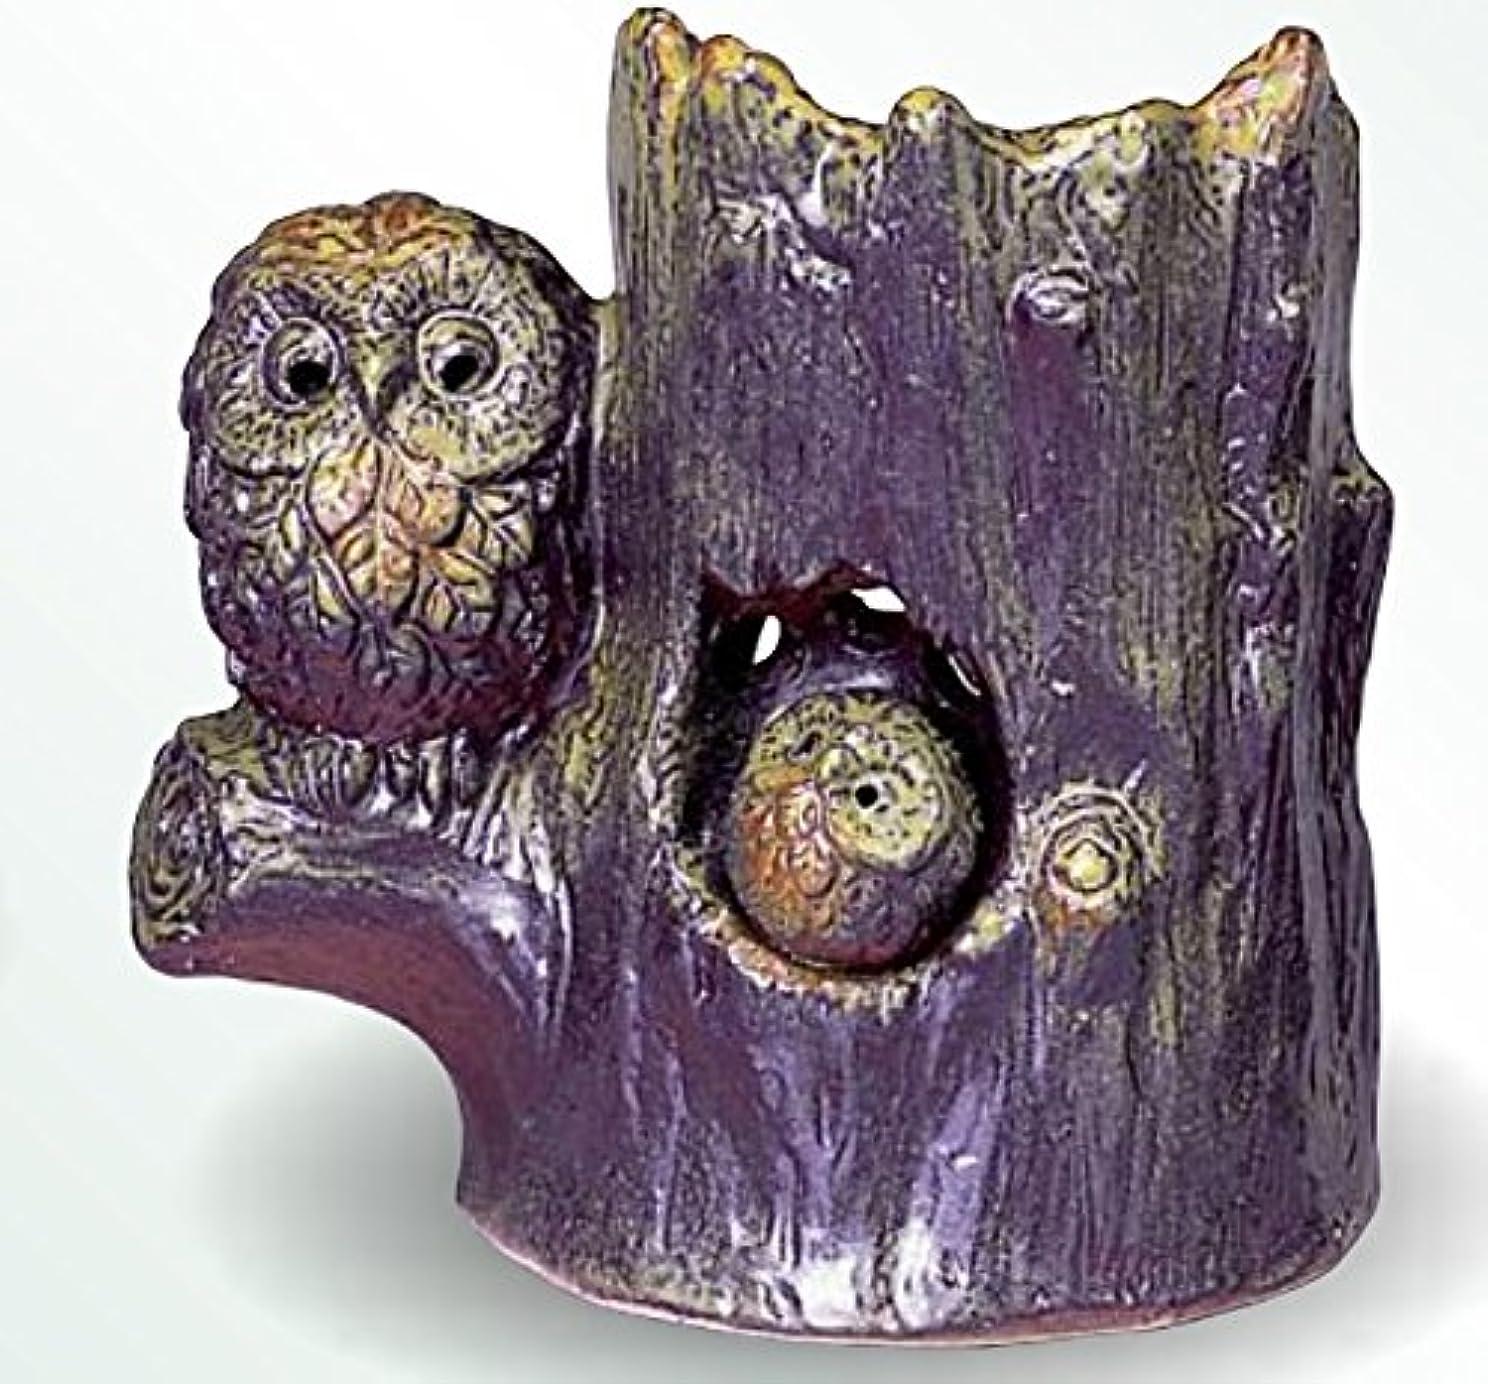 本能不透明なくま常滑焼 茶香炉(アロマポット)森フクロウ 径13.5×高さ14.5cm